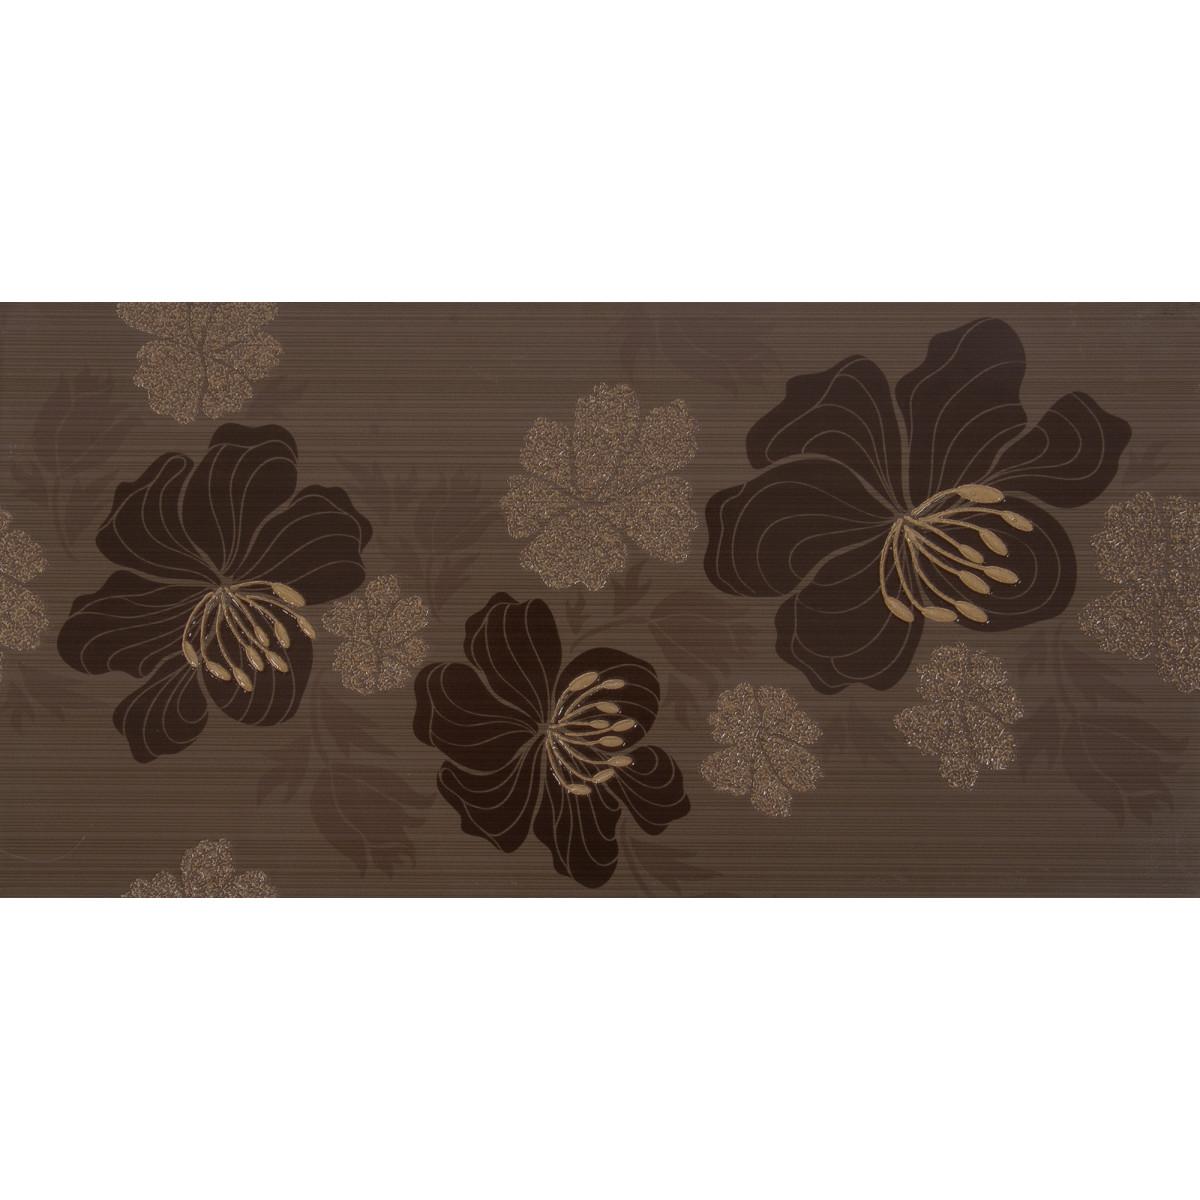 Декор «Элегия» 19.8х39.8 см цвет темный